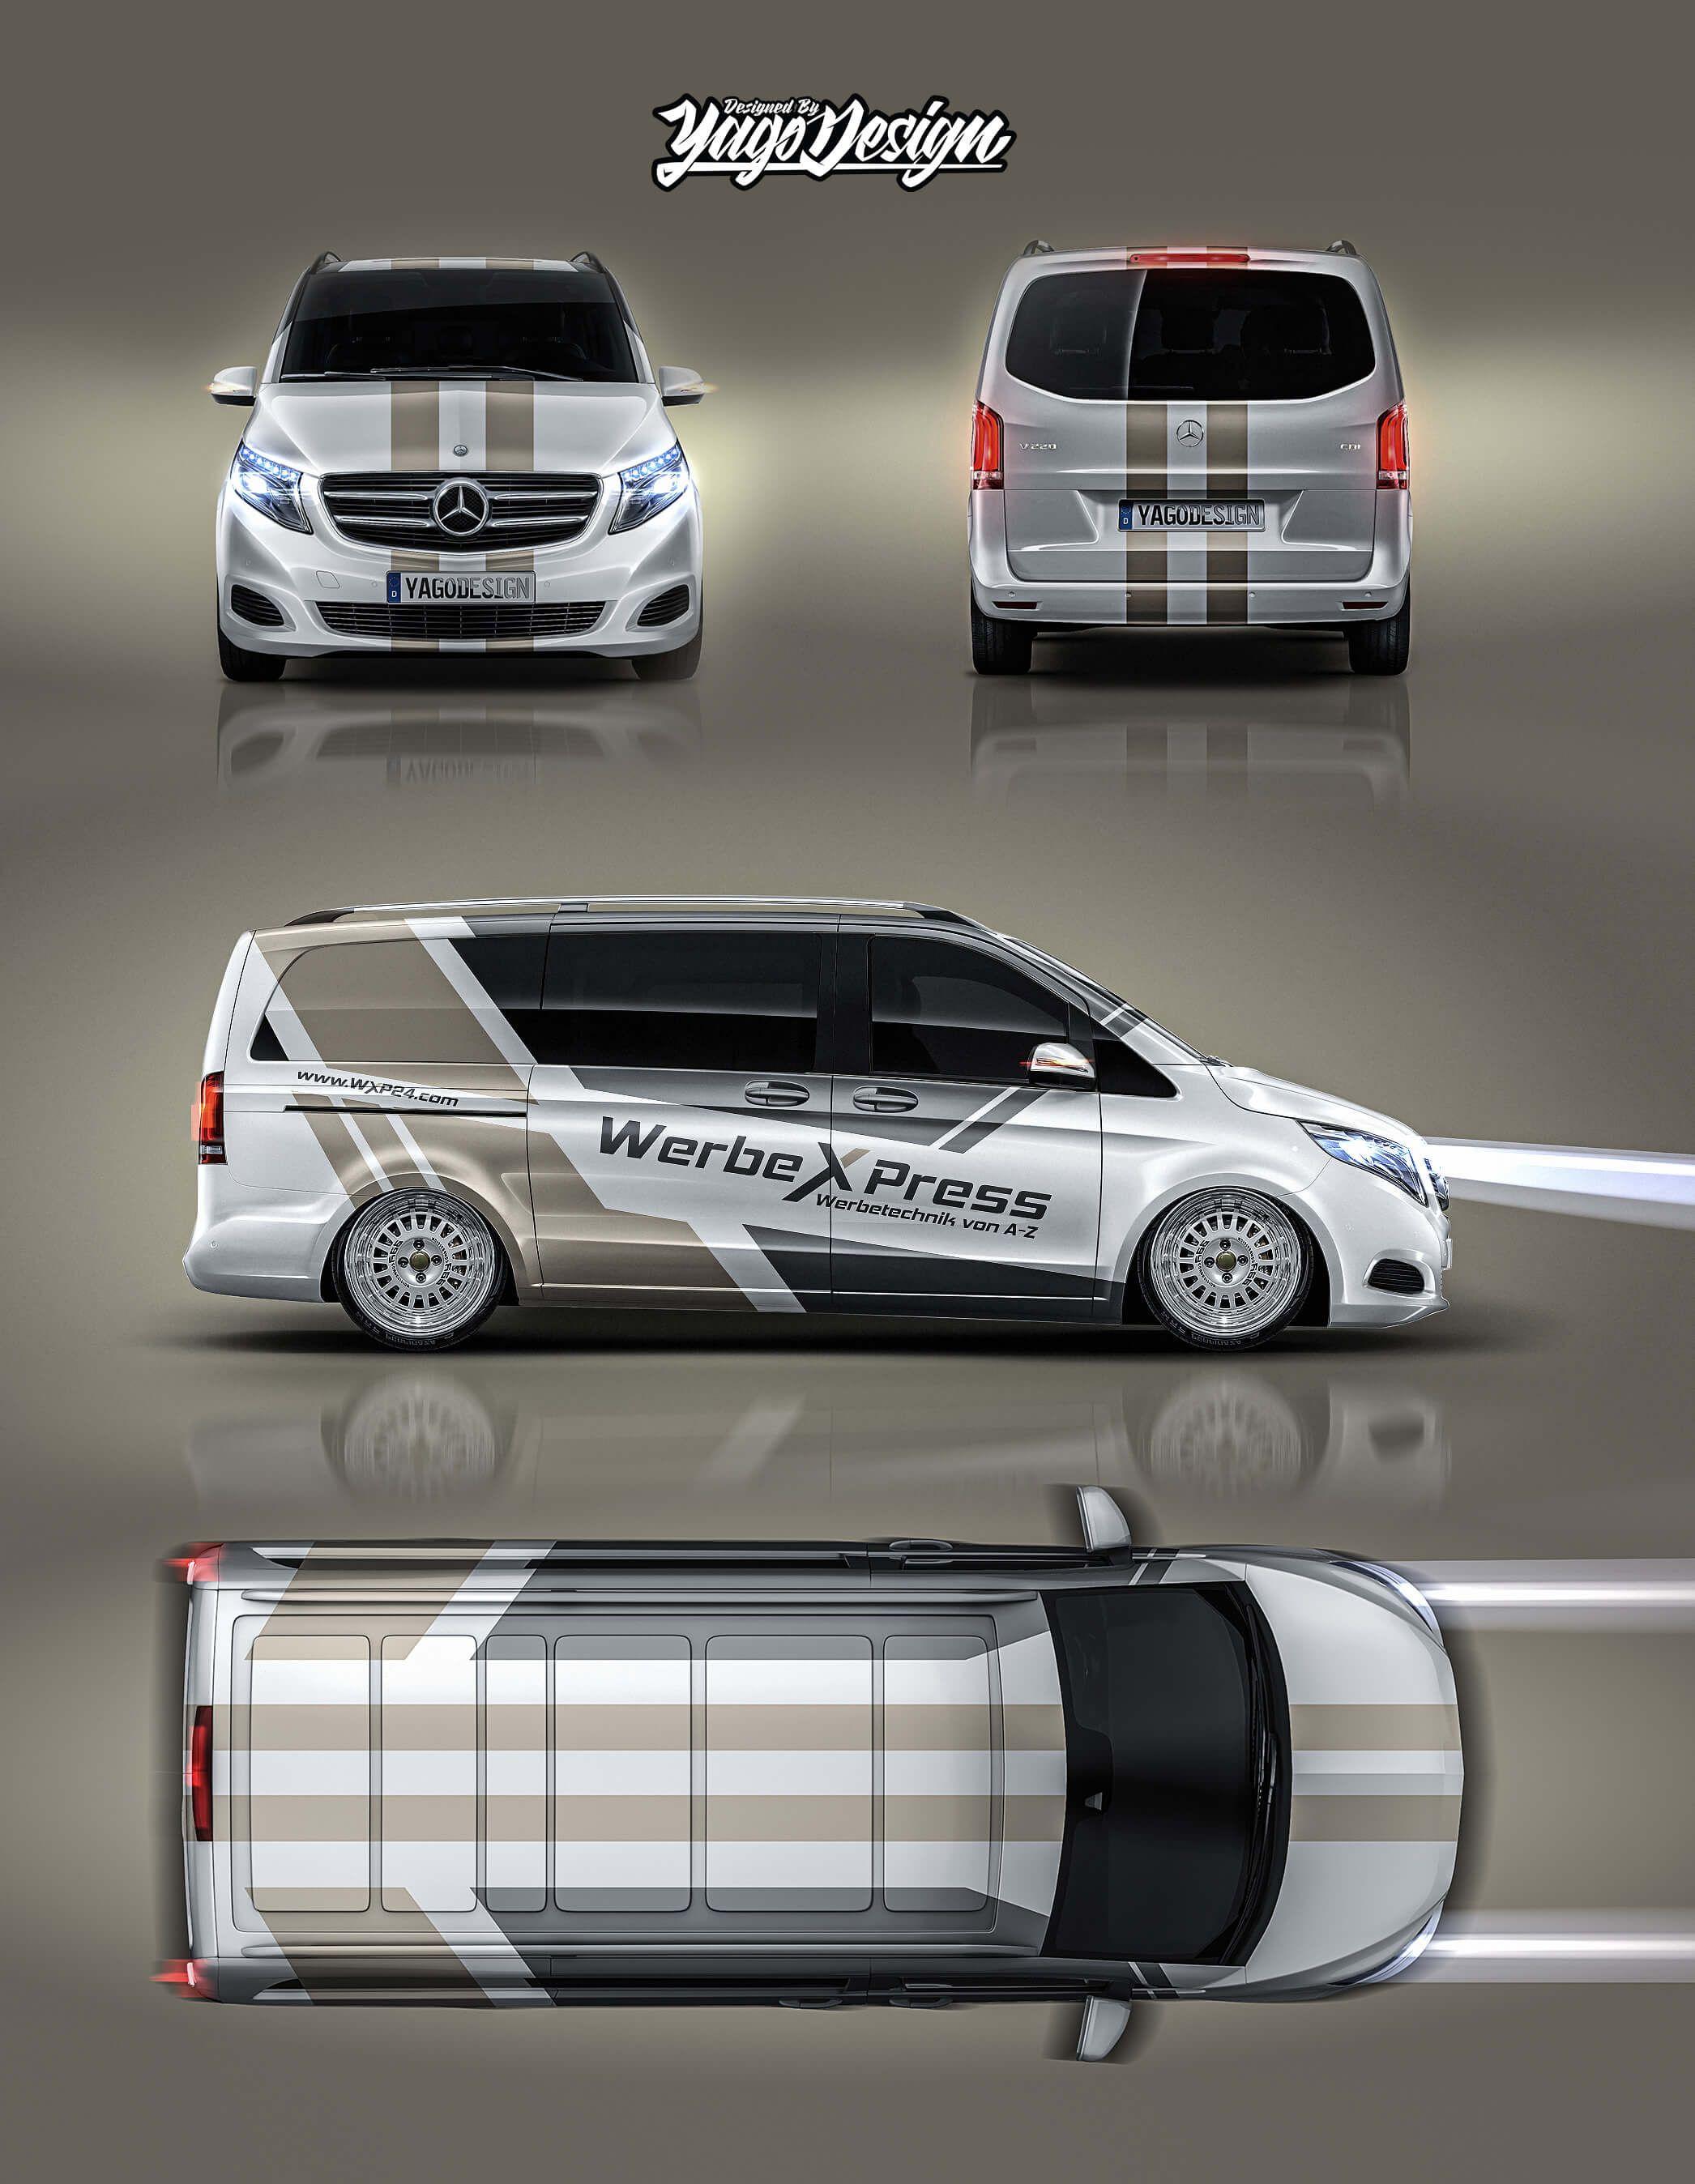 Mercedes V Class By Yagodesign Yago Design Folierung Fahrzeugfolierung Kfz Folierung